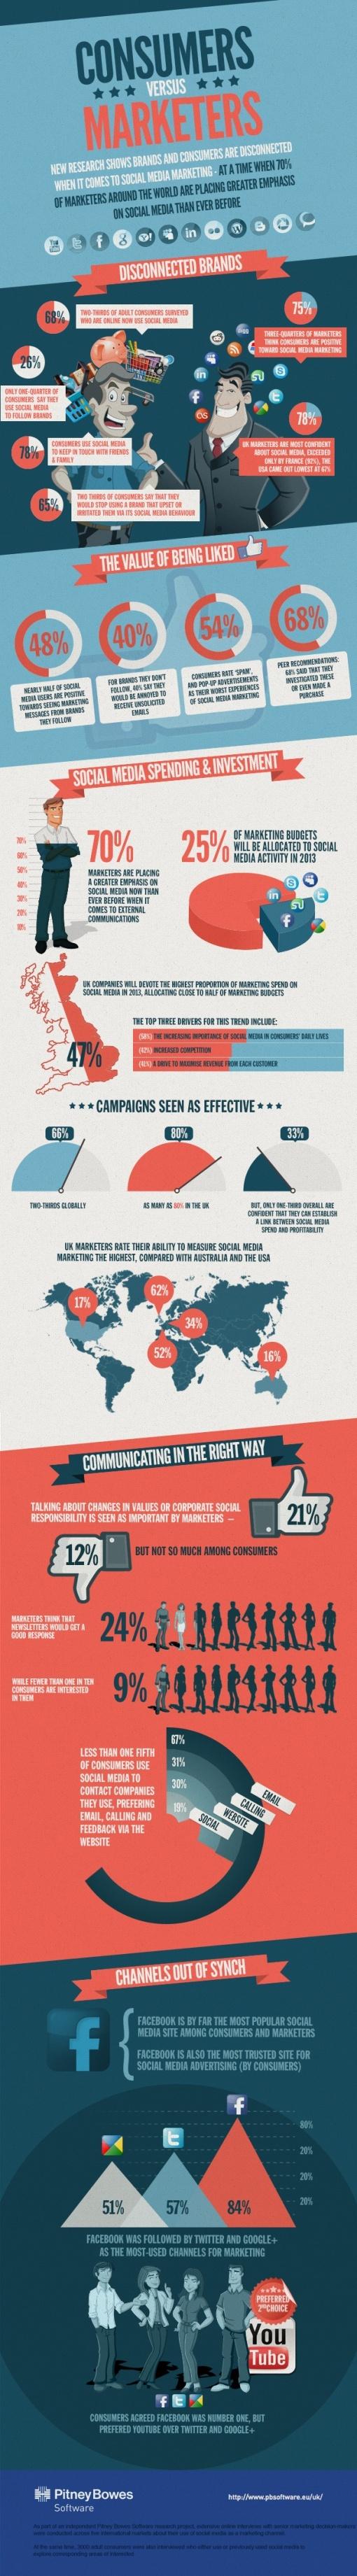 social-consumers-marketers  Merken vanuit de hele wereld zijn steeds actiever op sociale netwerksites. Het probleem is echter dat er geen verbinding is tussen wat consumenten willen en wat marketeers denken te willen.